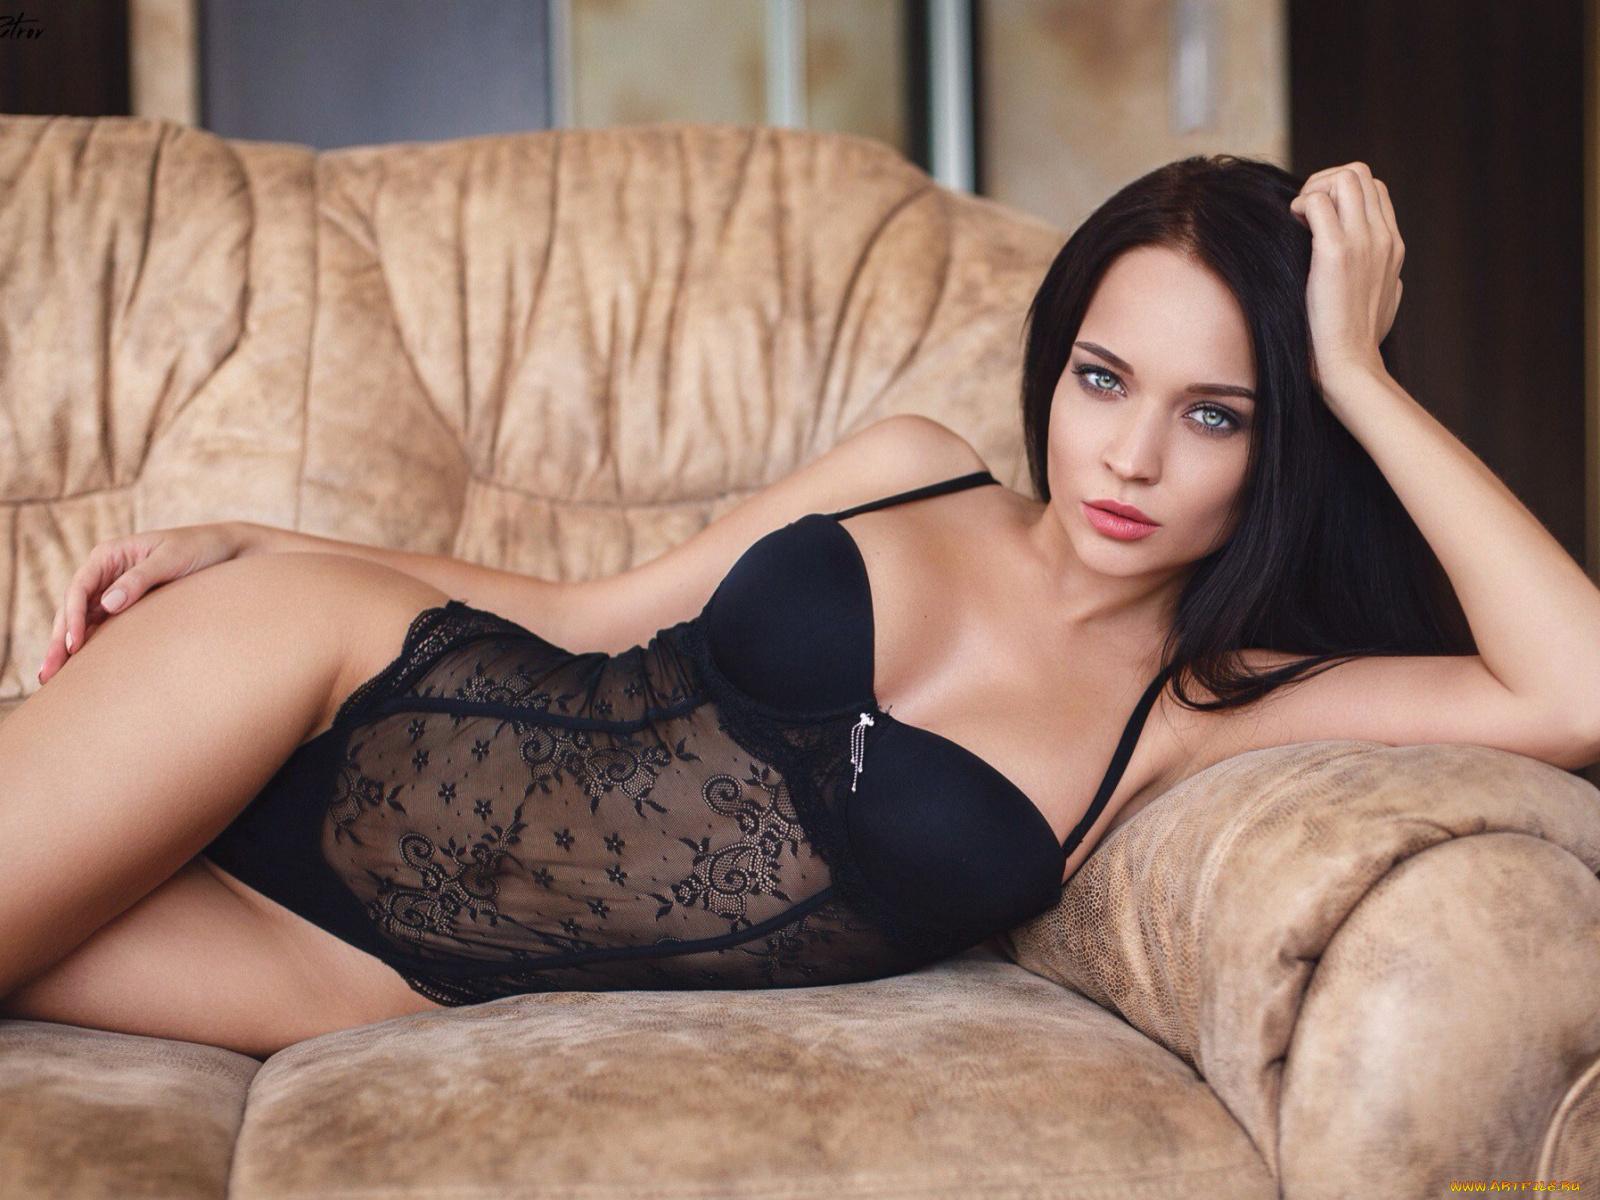 голая ангелина блондинка порно модель